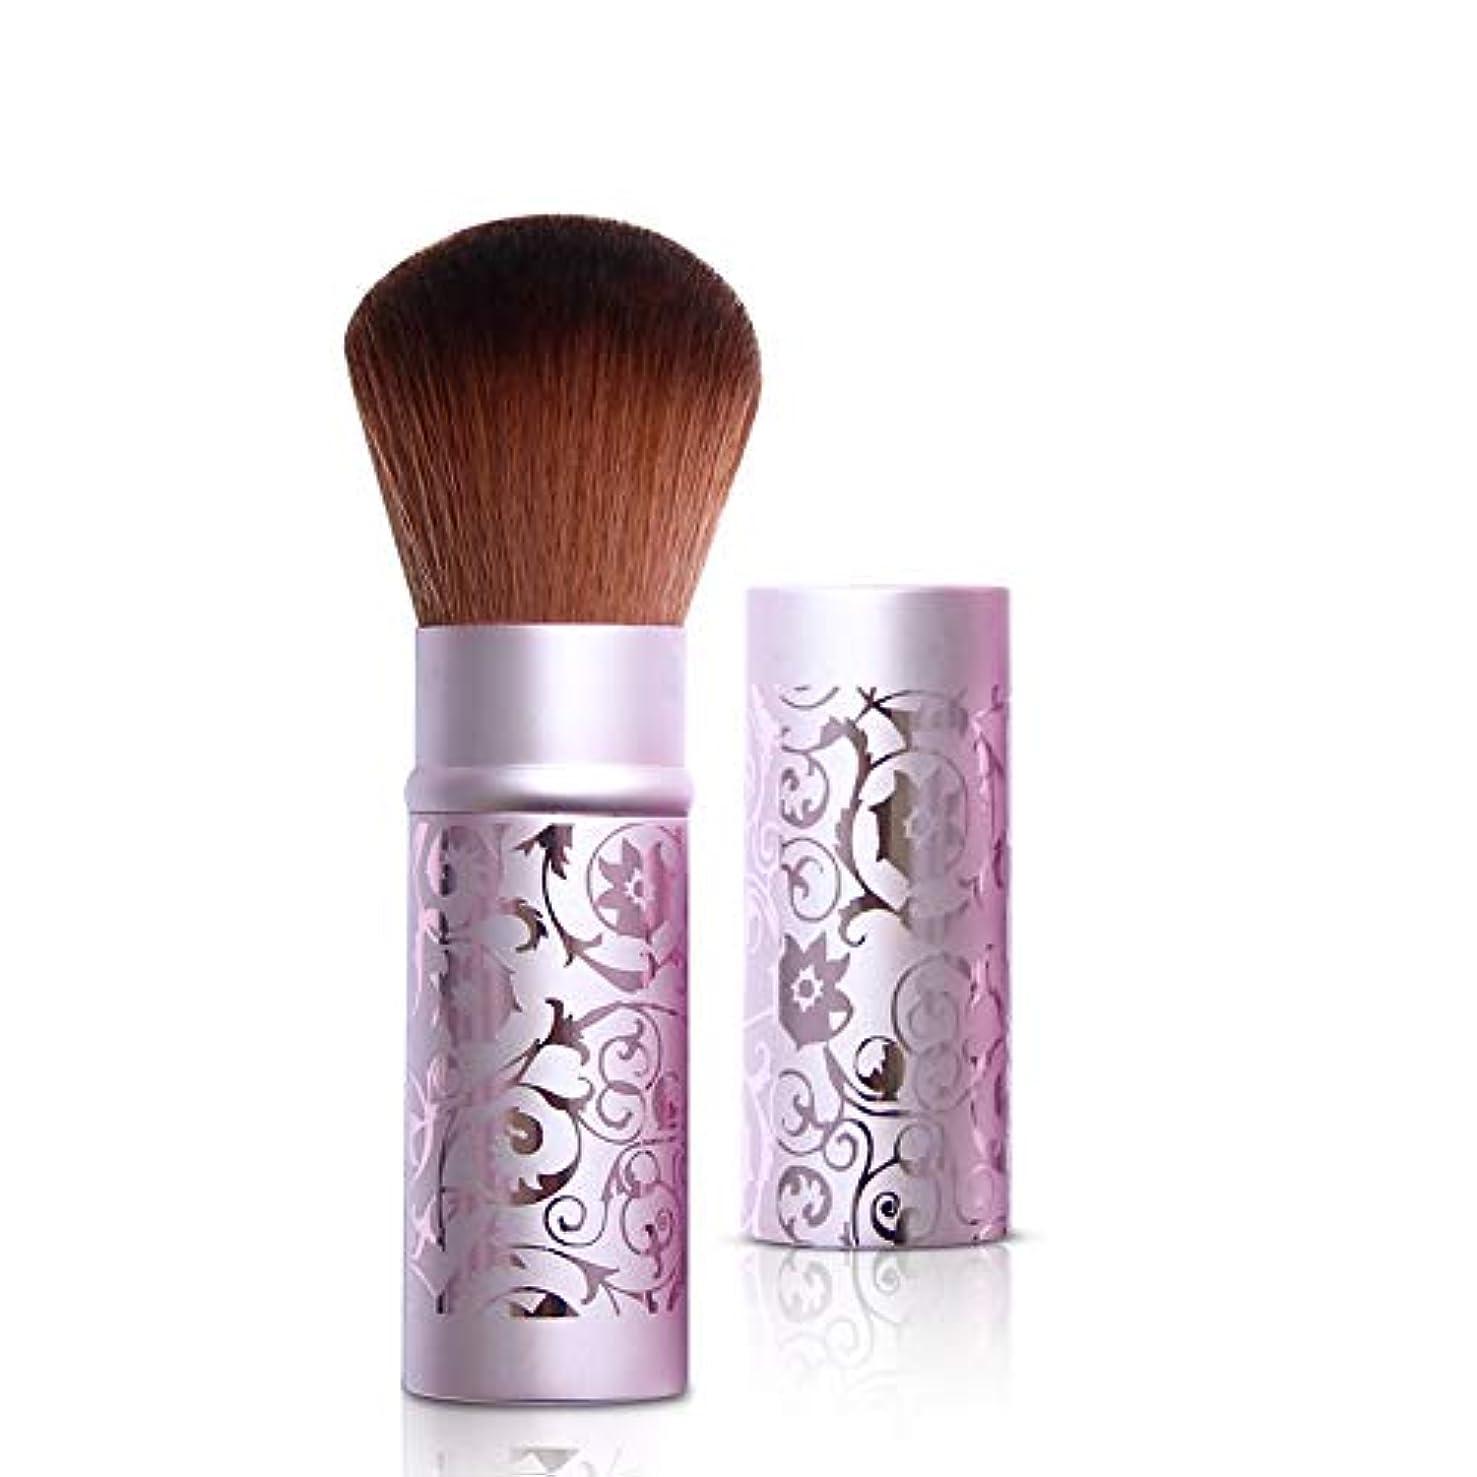 フリルディスクリスナールージュブラシセット化粧ブラシ化粧ブラシルースパウダーブラシラージパウダーブラシシャドーブラシブラッシュブラシテレスコピックポータブル蓋付き,Purple